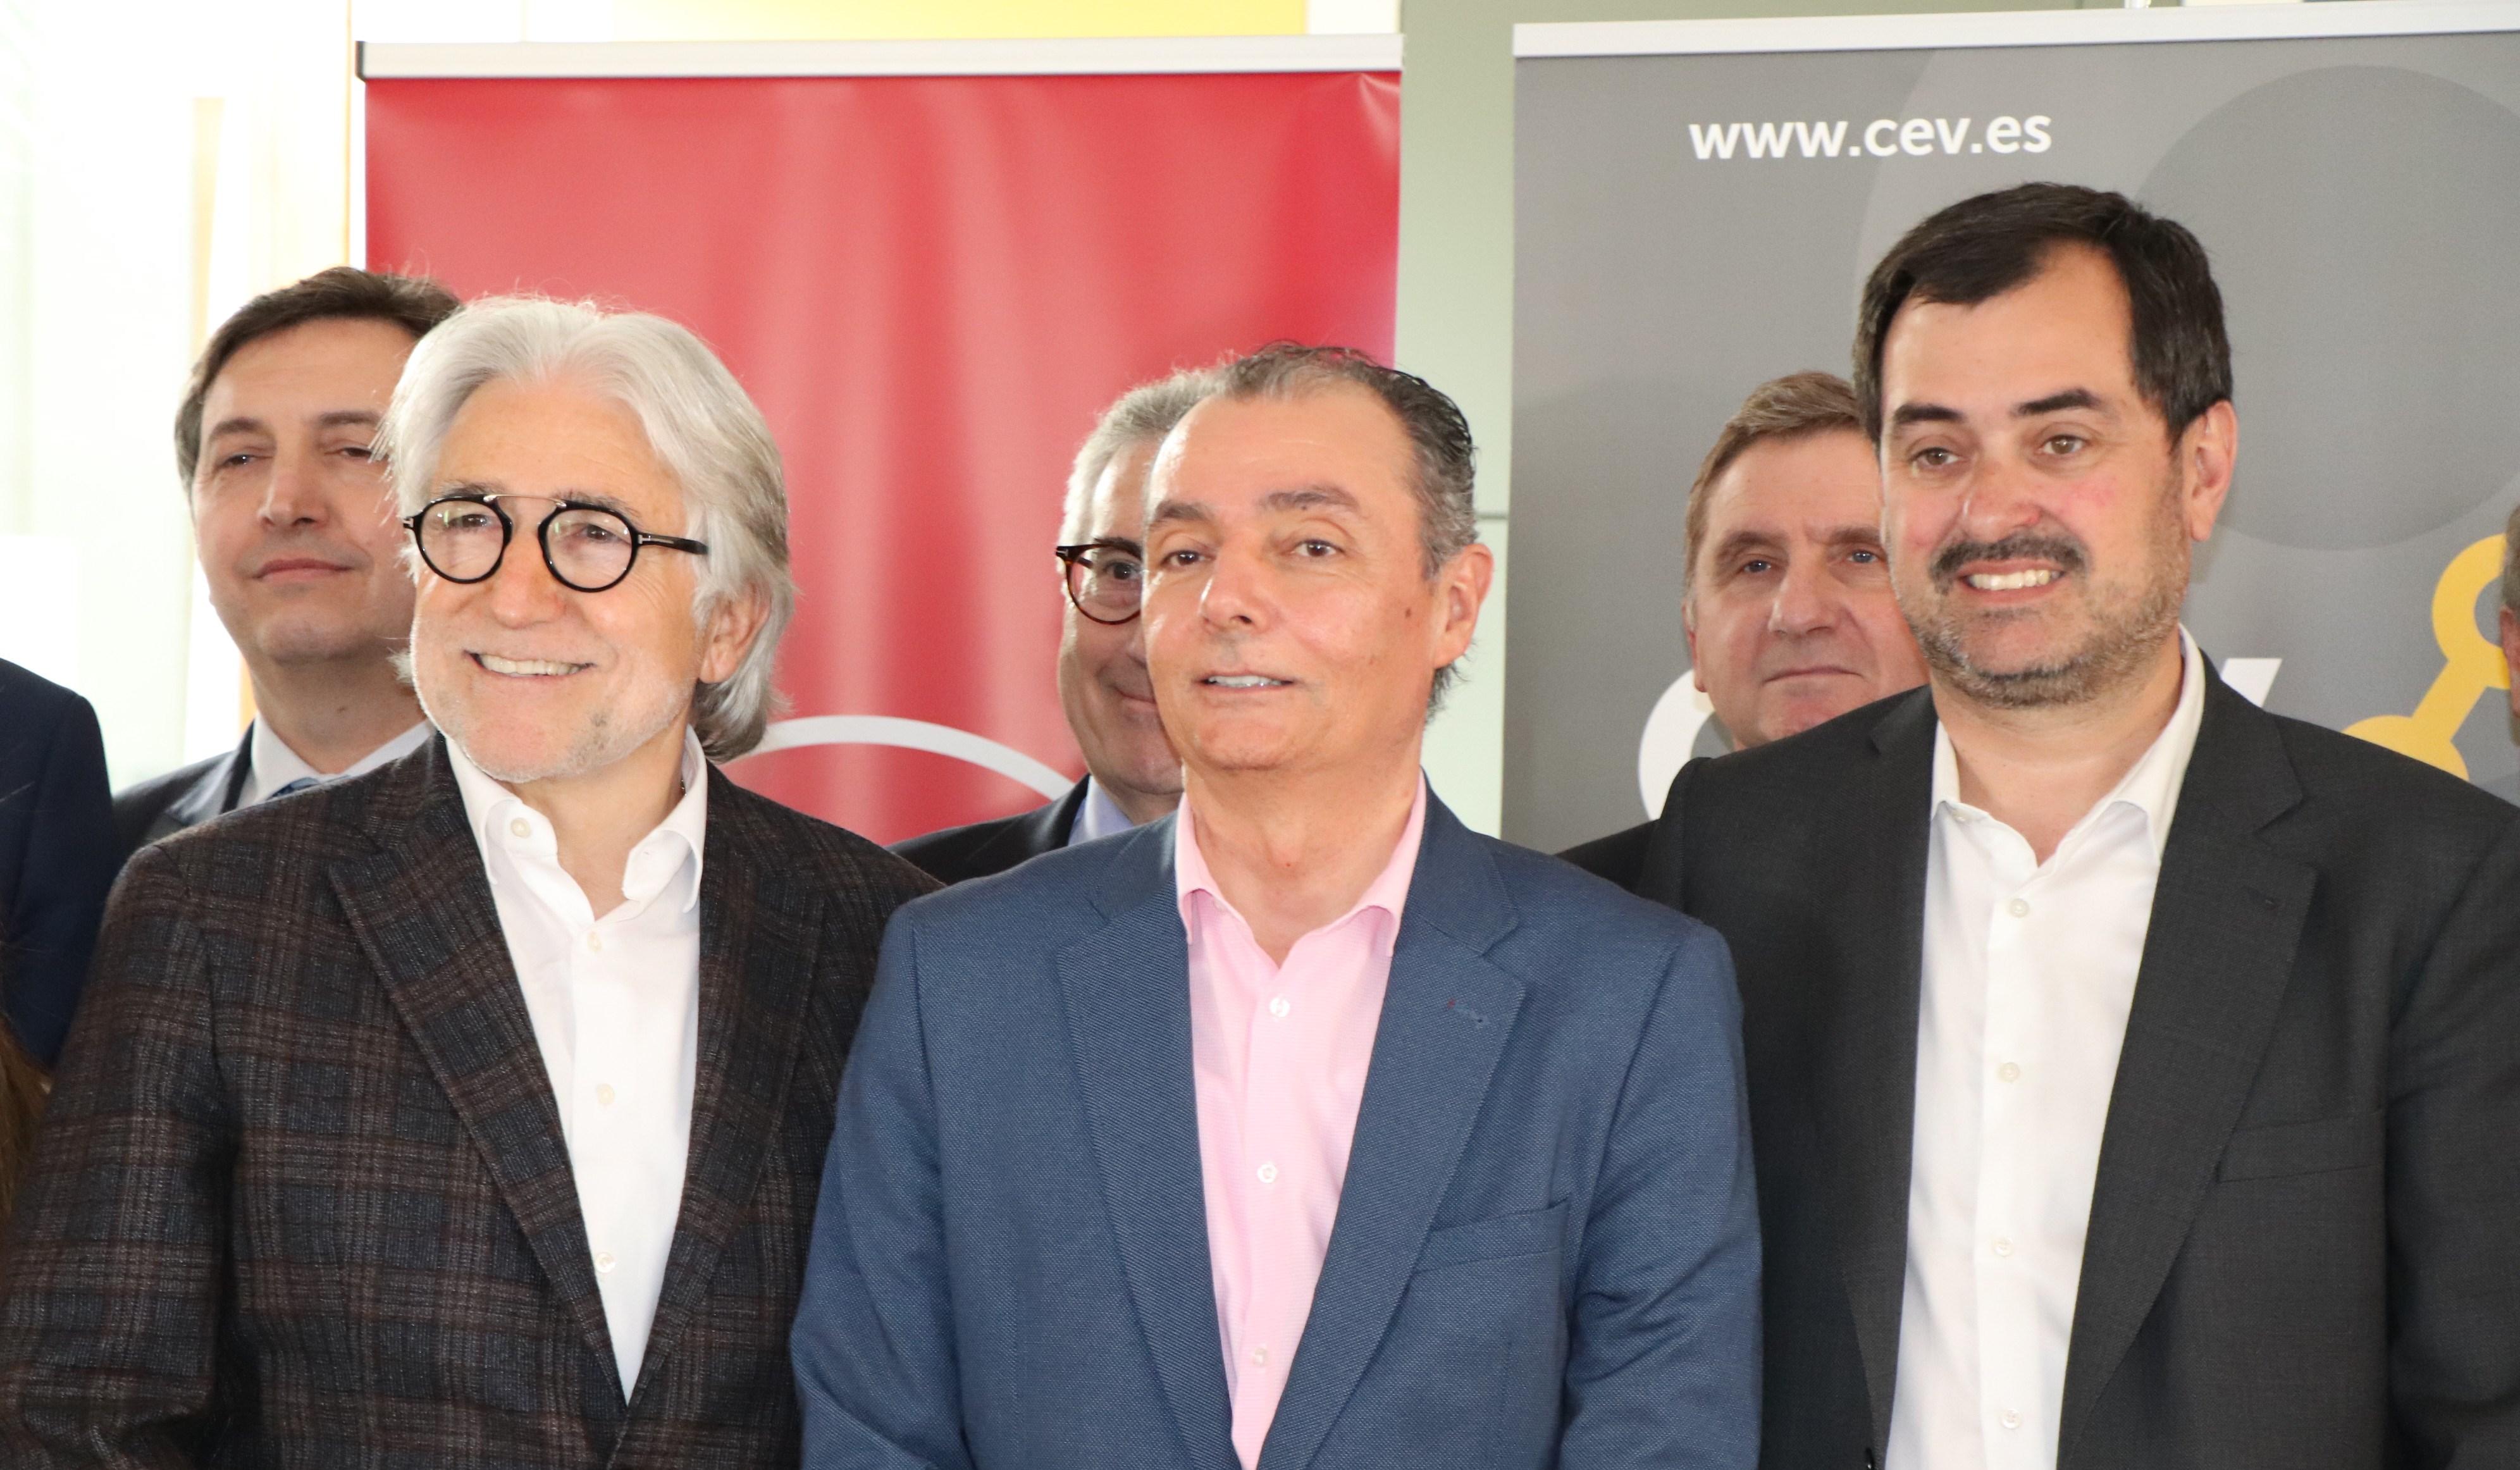 CEV, Foment y CEOE Aragón se unen para reivindicar infraestructuras estratégicas para sus territorios